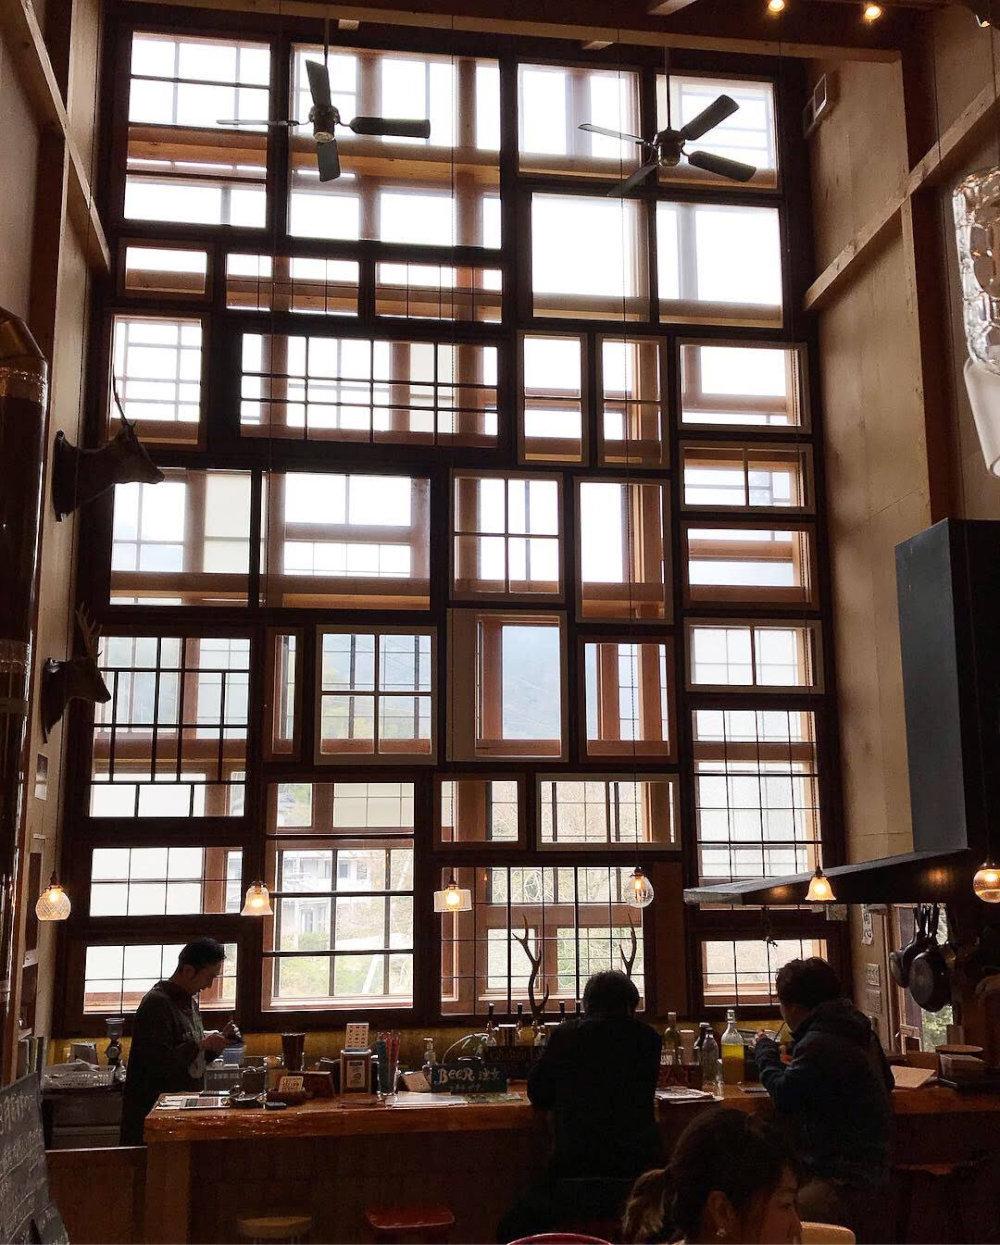 ゼロ・ウェイスト運動を体現する建築 徳島県上勝町_b0349892_15151448.jpg